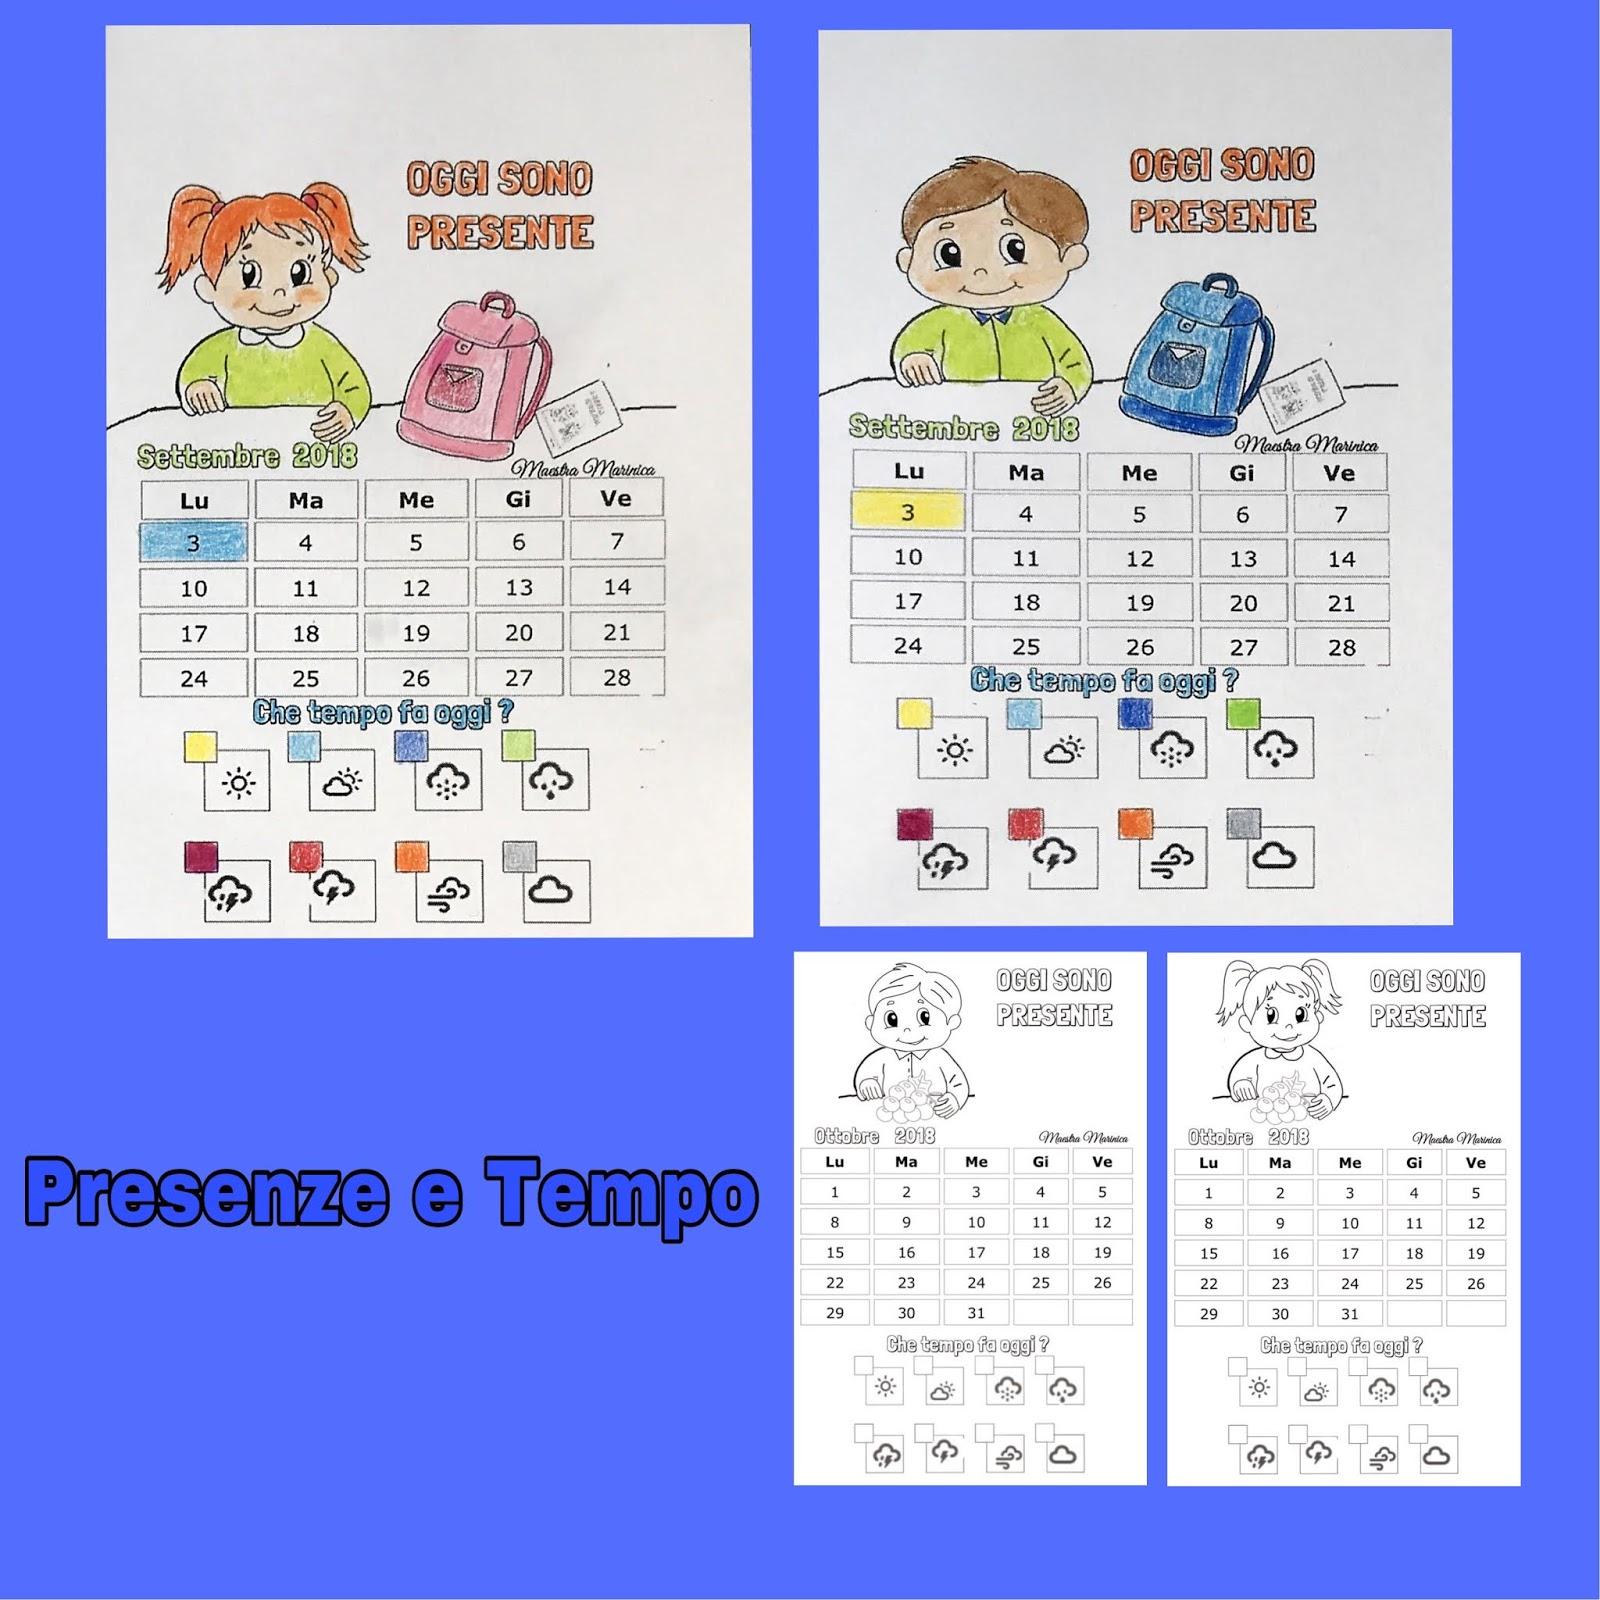 Calendario Del Tempo Scuola Infanzia.Maestra Marinica Calendario Delle Presenze E Tempo